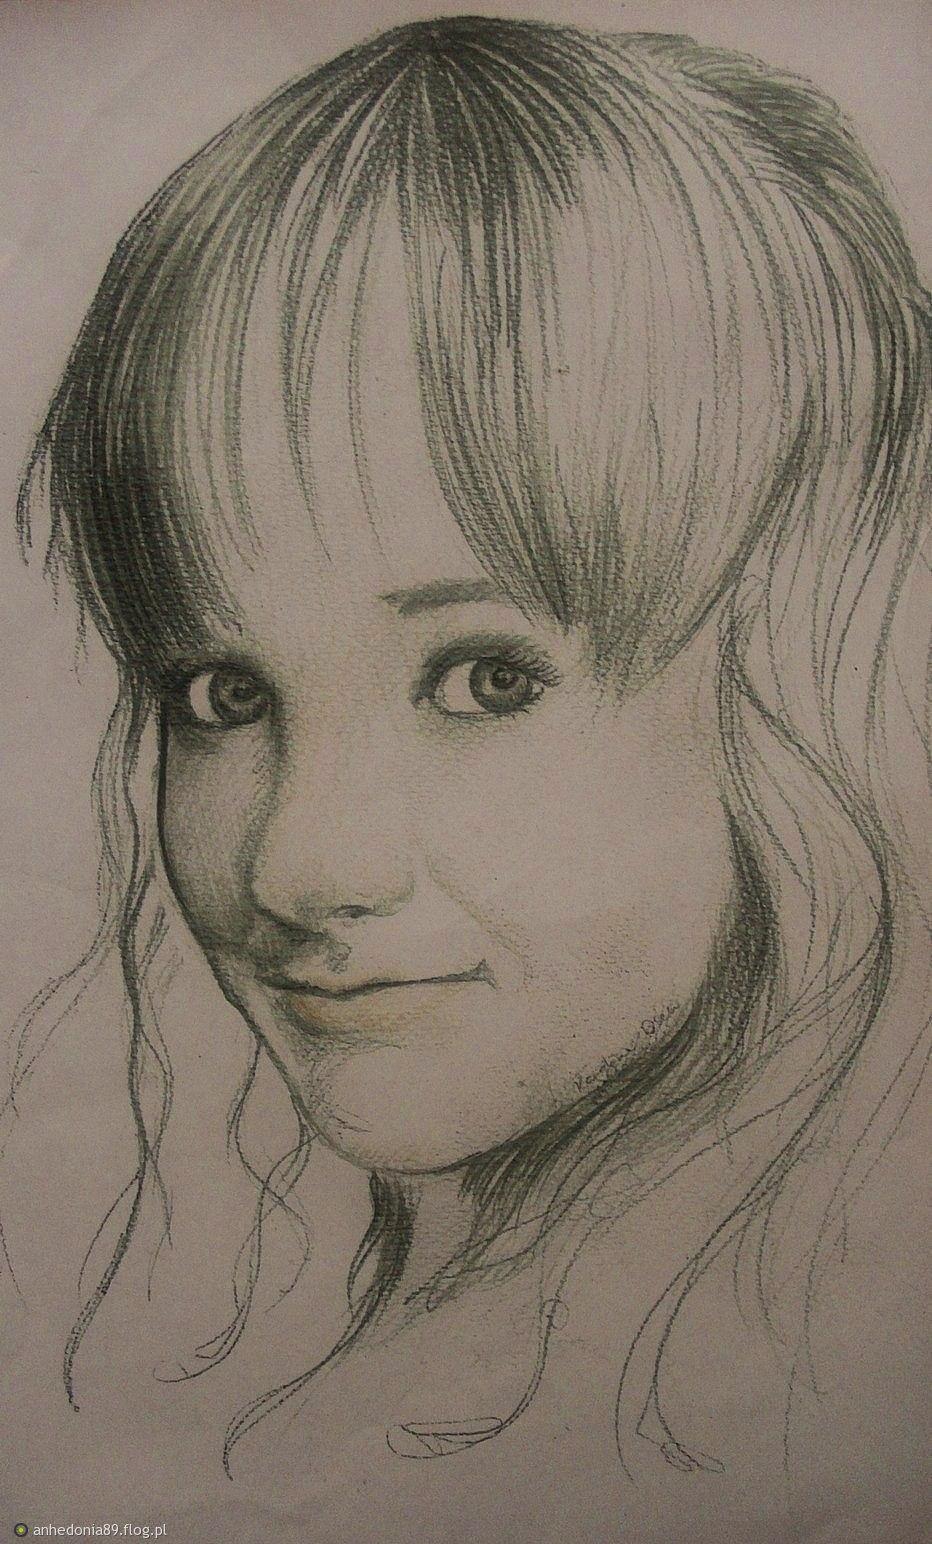 Tag Dziewczynka Dziewczyna Portret Rysunek Ołówek Twarz Półprofil